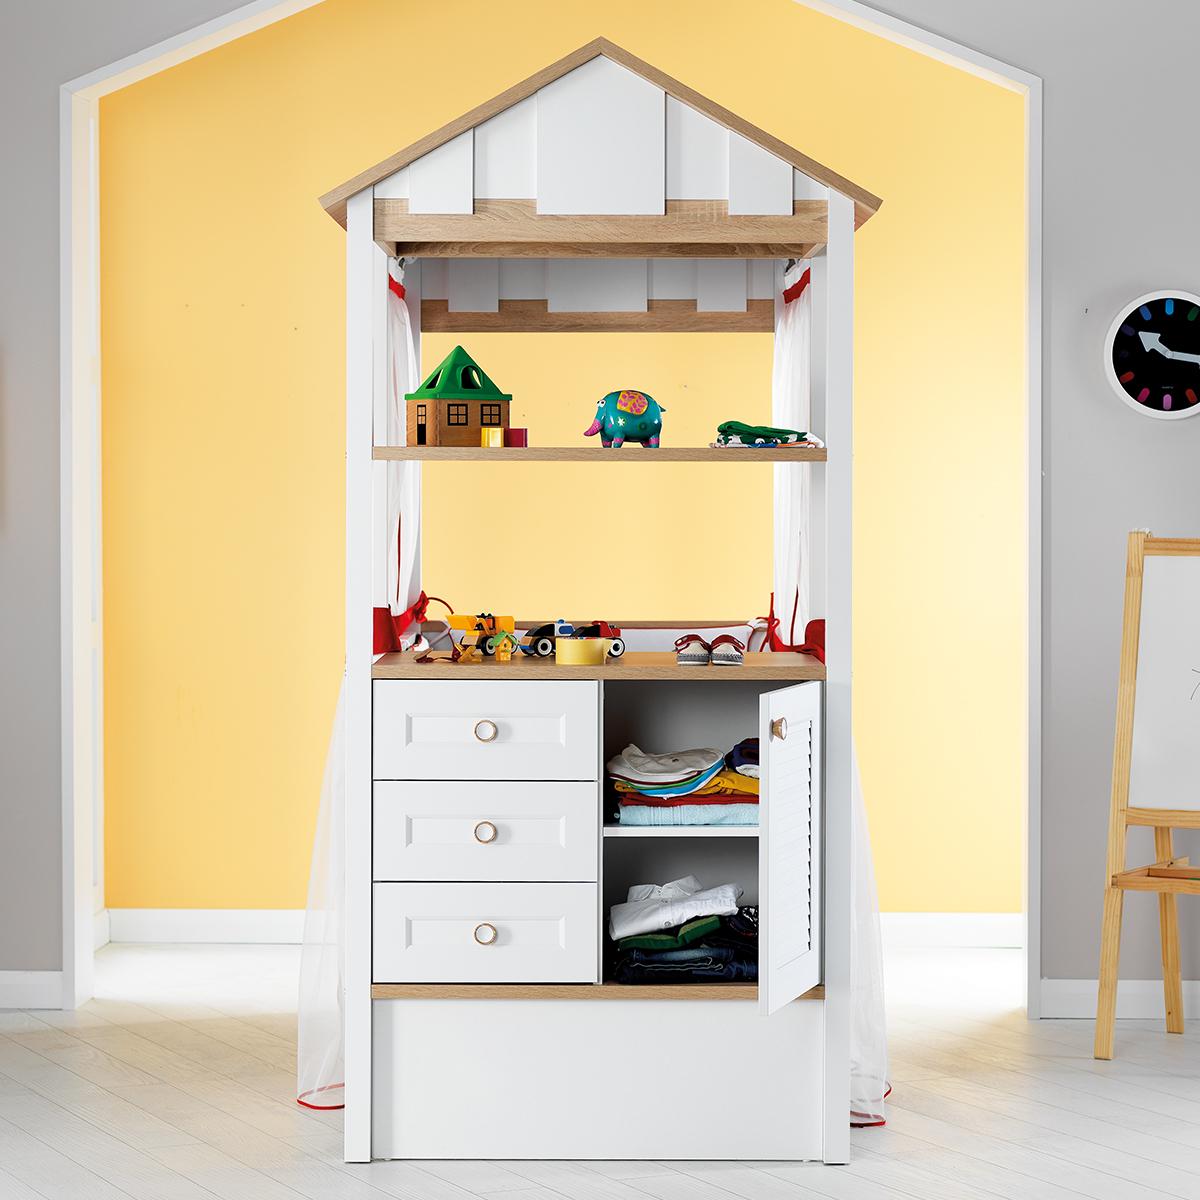 Kinderzimmer Jugendzimmer Komplettset mit Wiege und Textilset – Bild 9